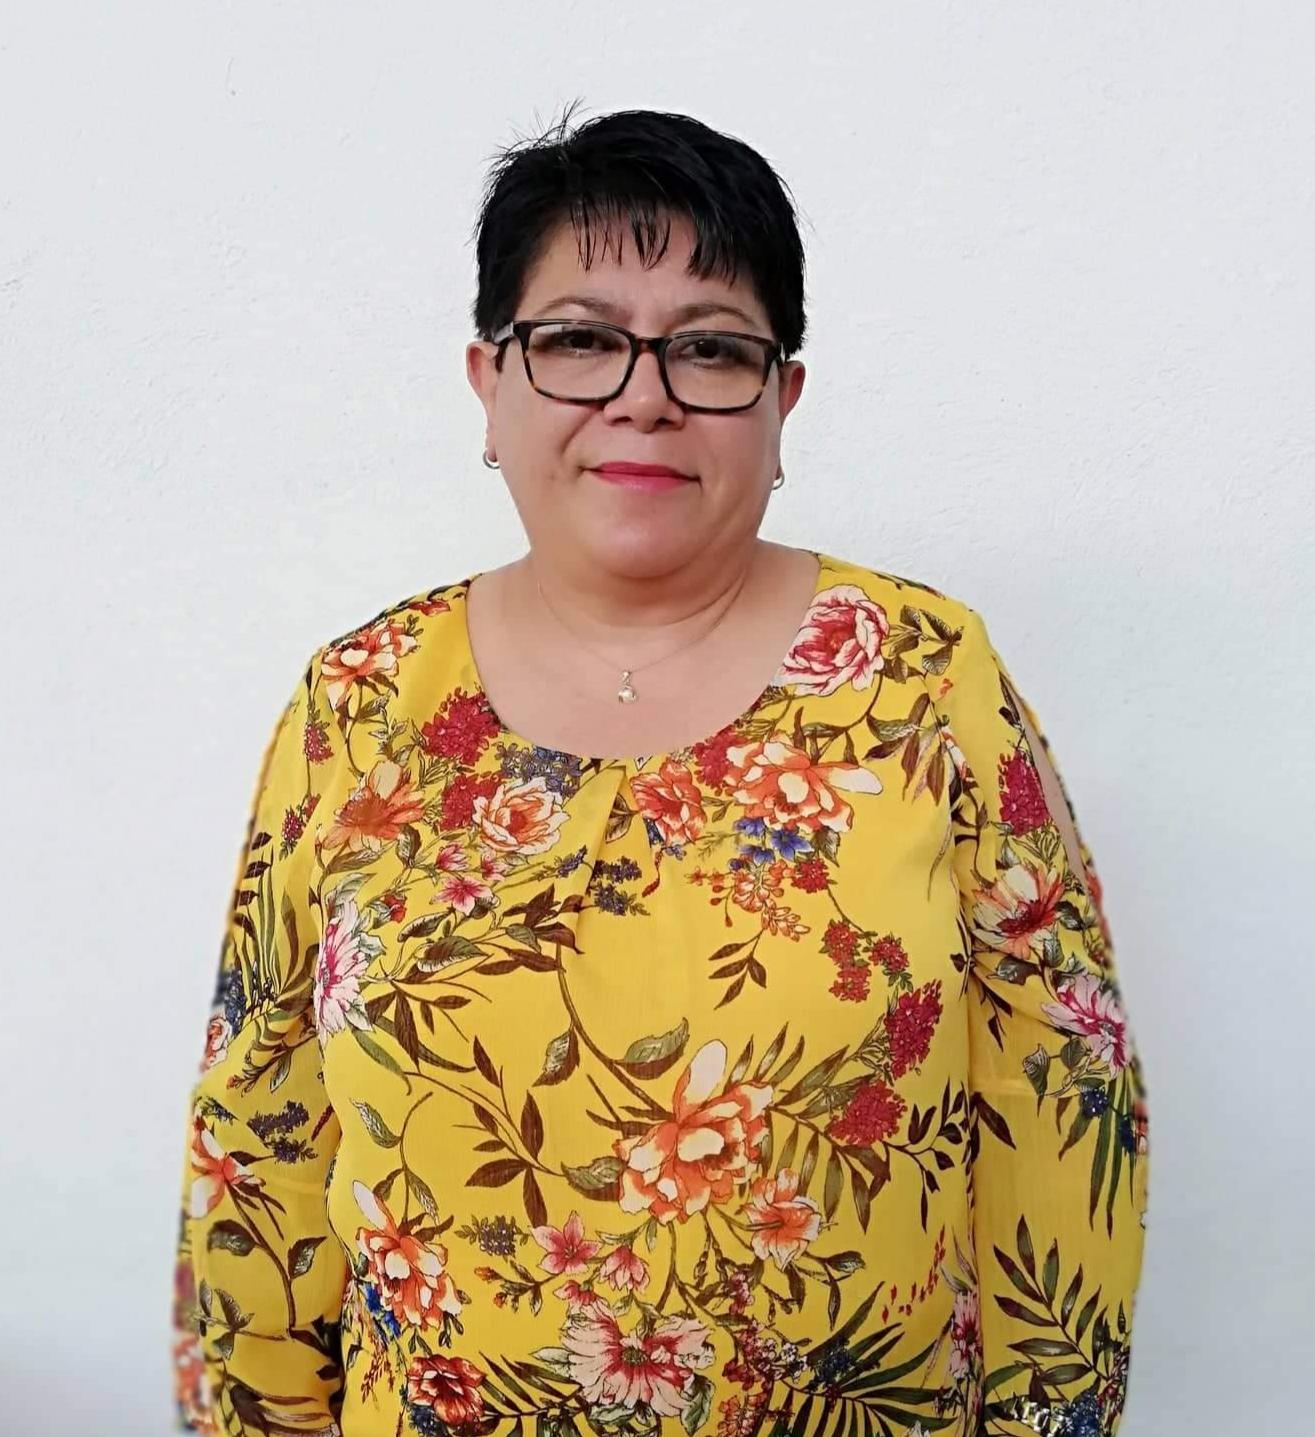 Ana Crocker Diaz